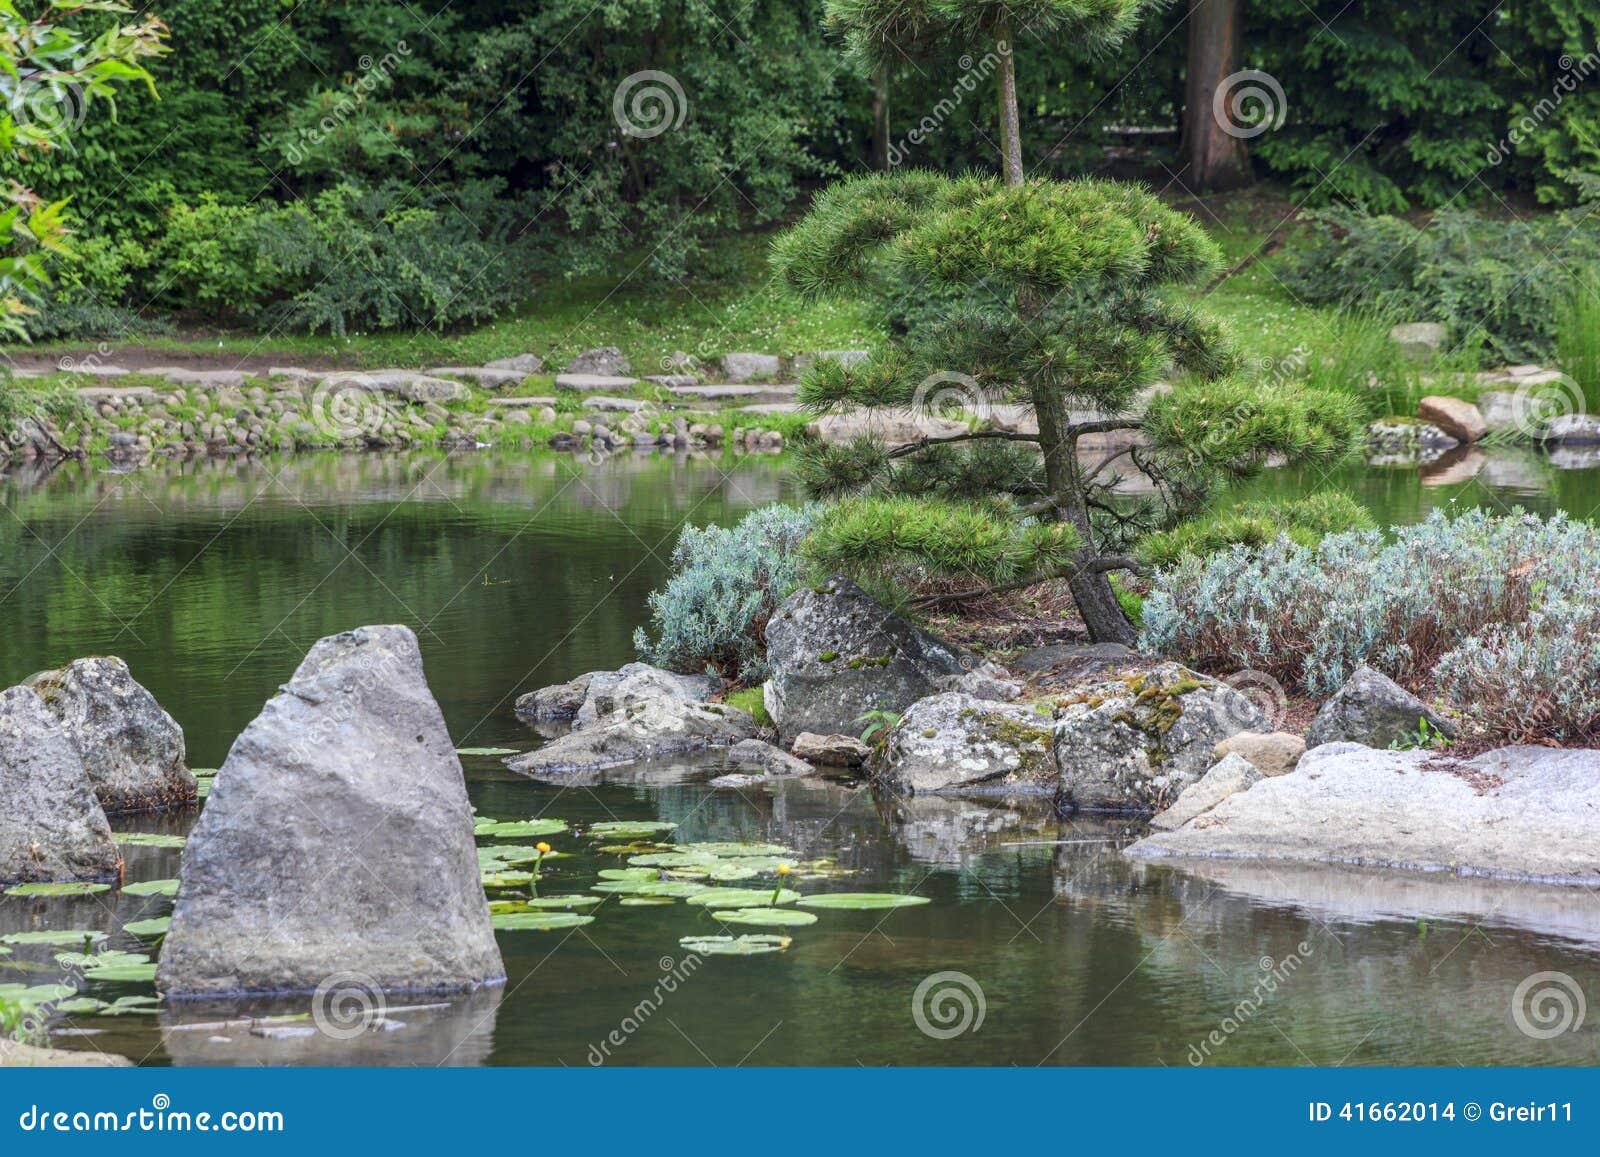 Часть японского сада